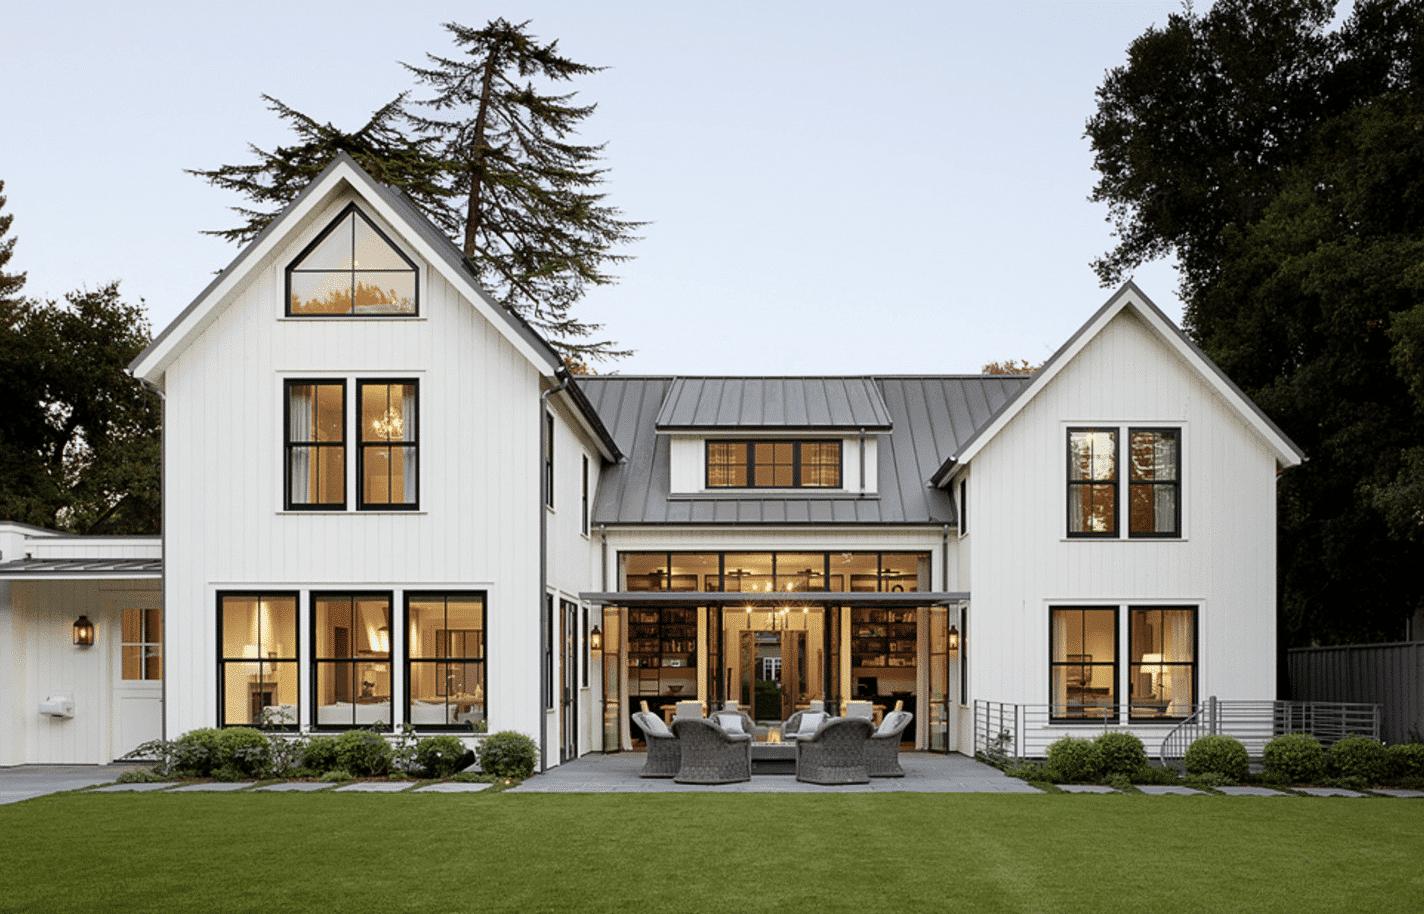 Feldman Architecture undertook The Grange project in Palo Alto, California